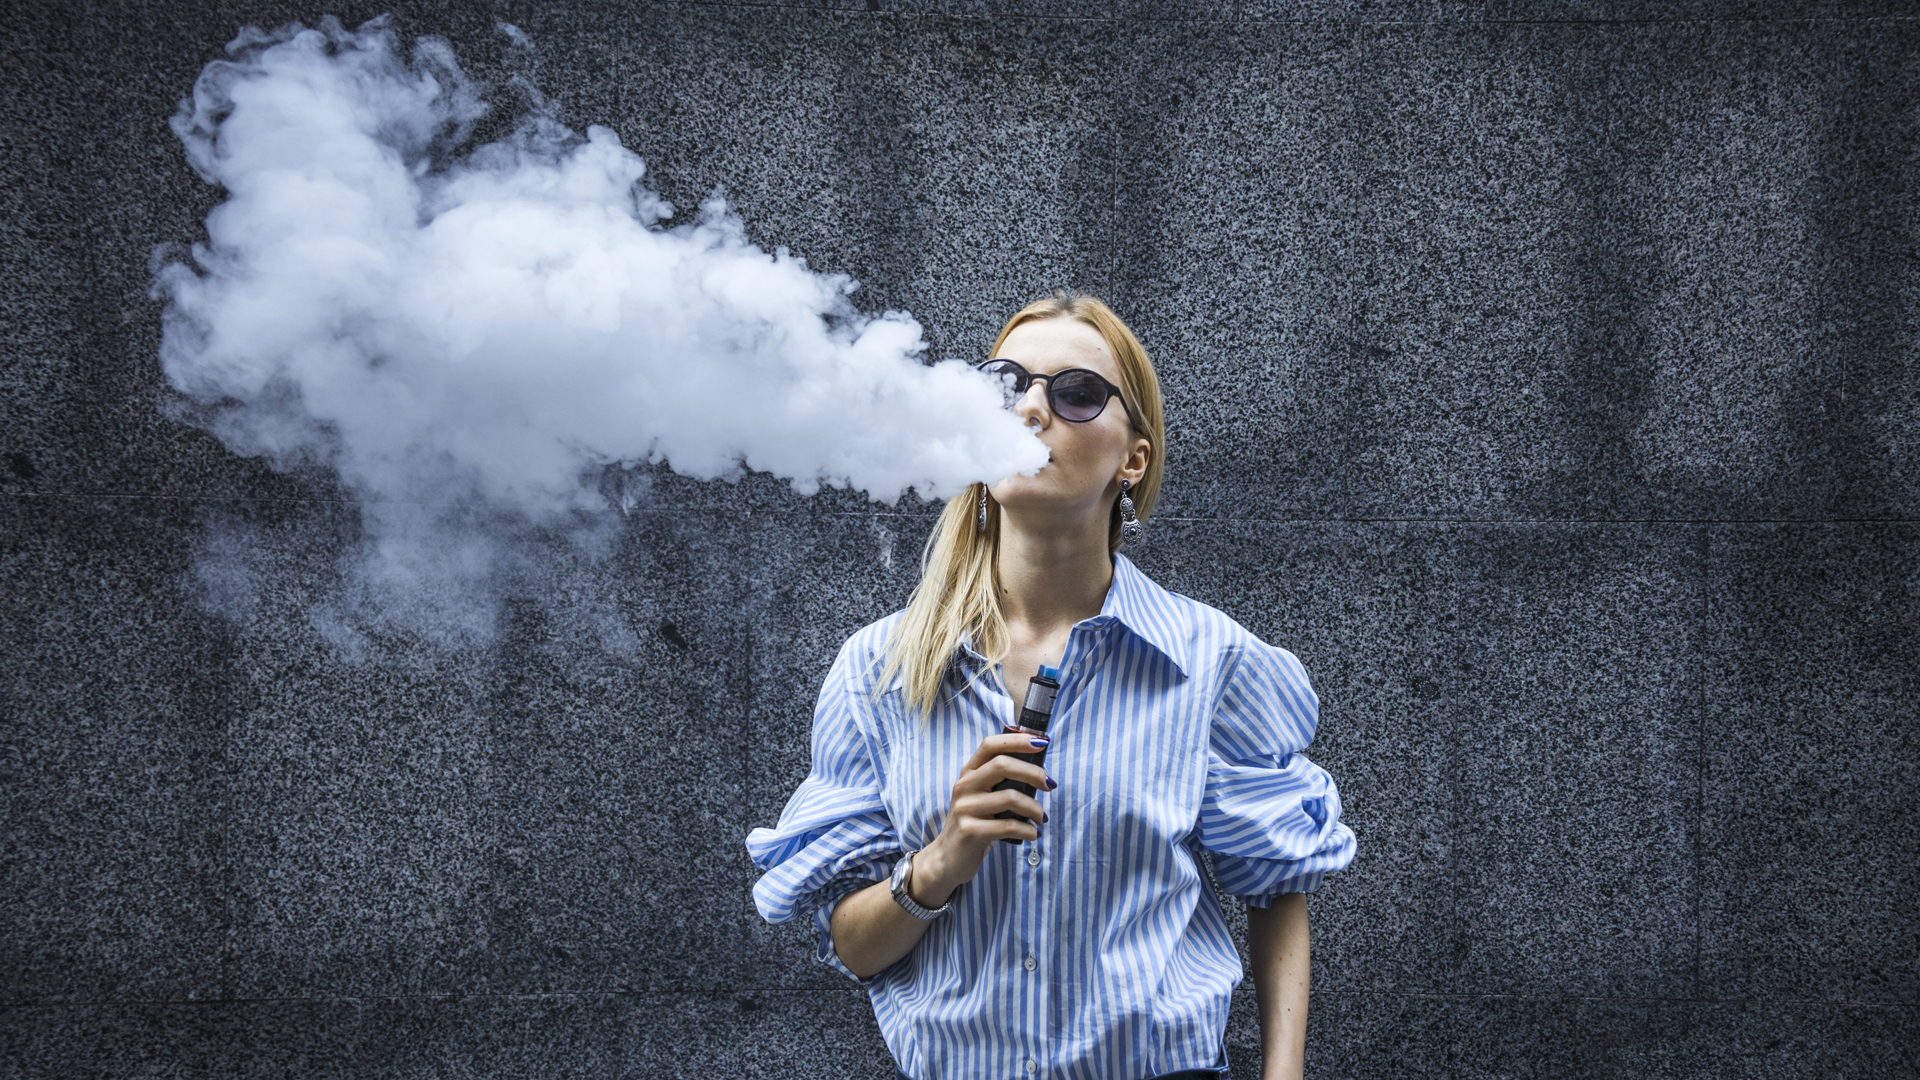 Vaporizér od e-cigarety rozeznáte mimo jiné podle hustoty výparu. Toto vaporizér není.